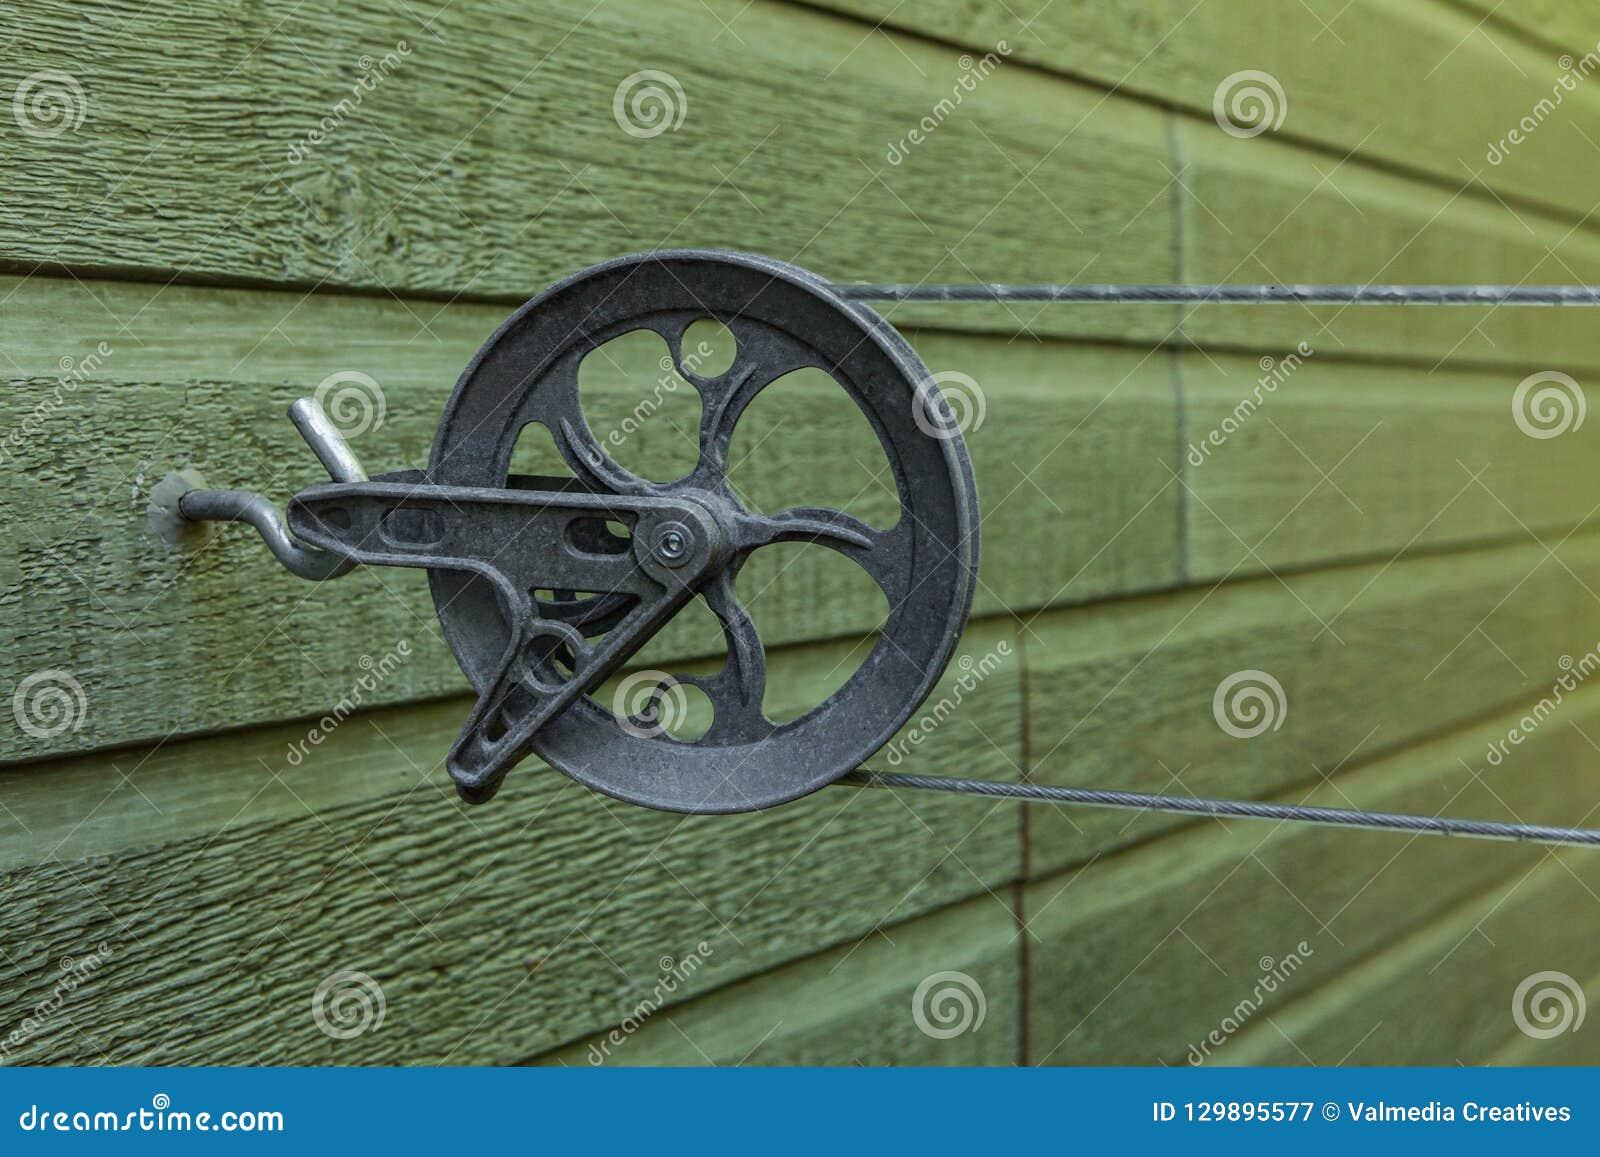 Моющ линию шкив с установленной линией дальше, зафиксированный на алюминиевом крюке